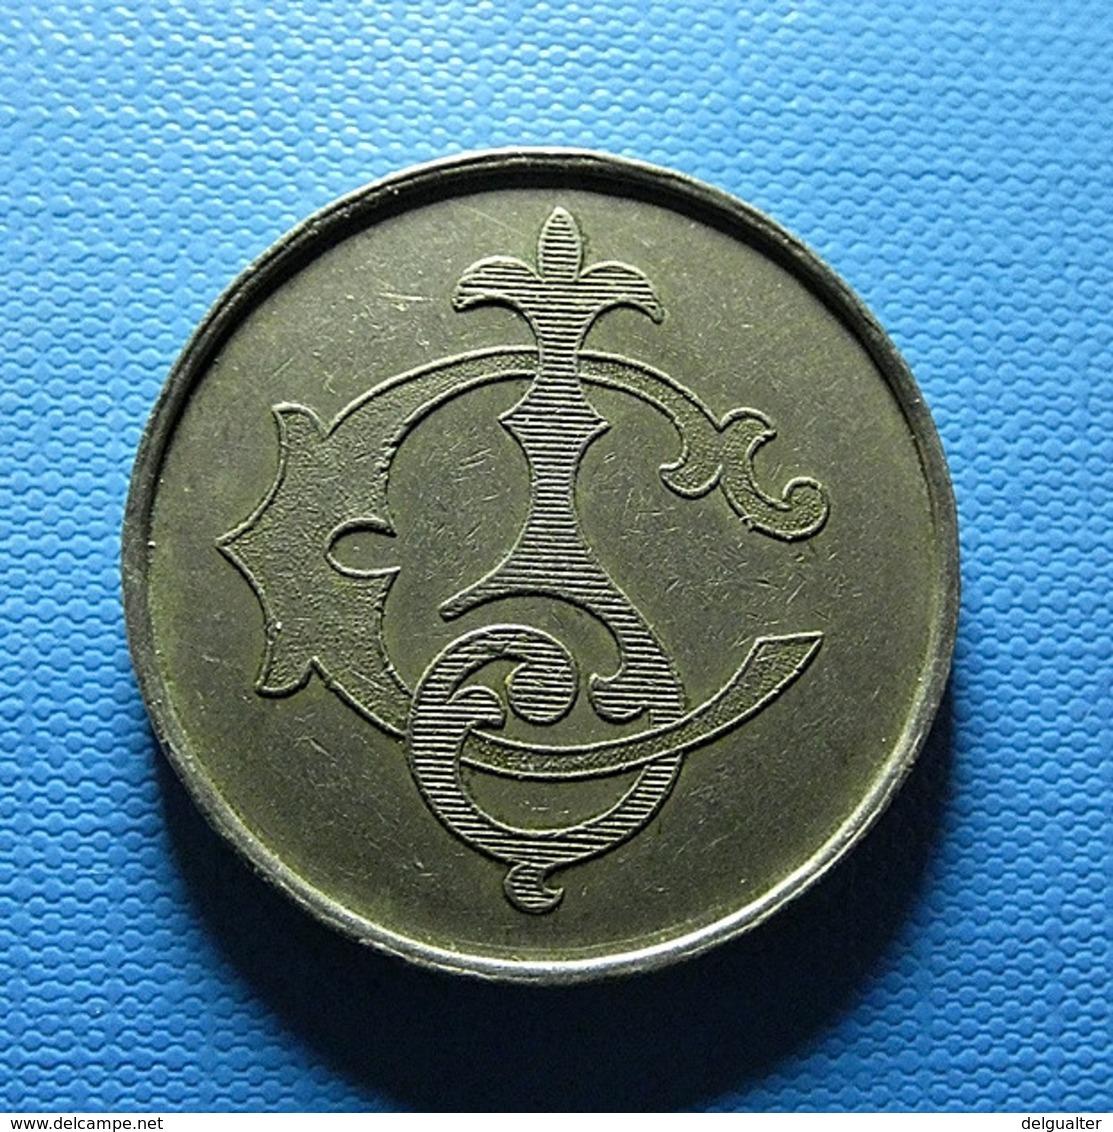 Token - 50 Centavos - Fichas Y Medallas